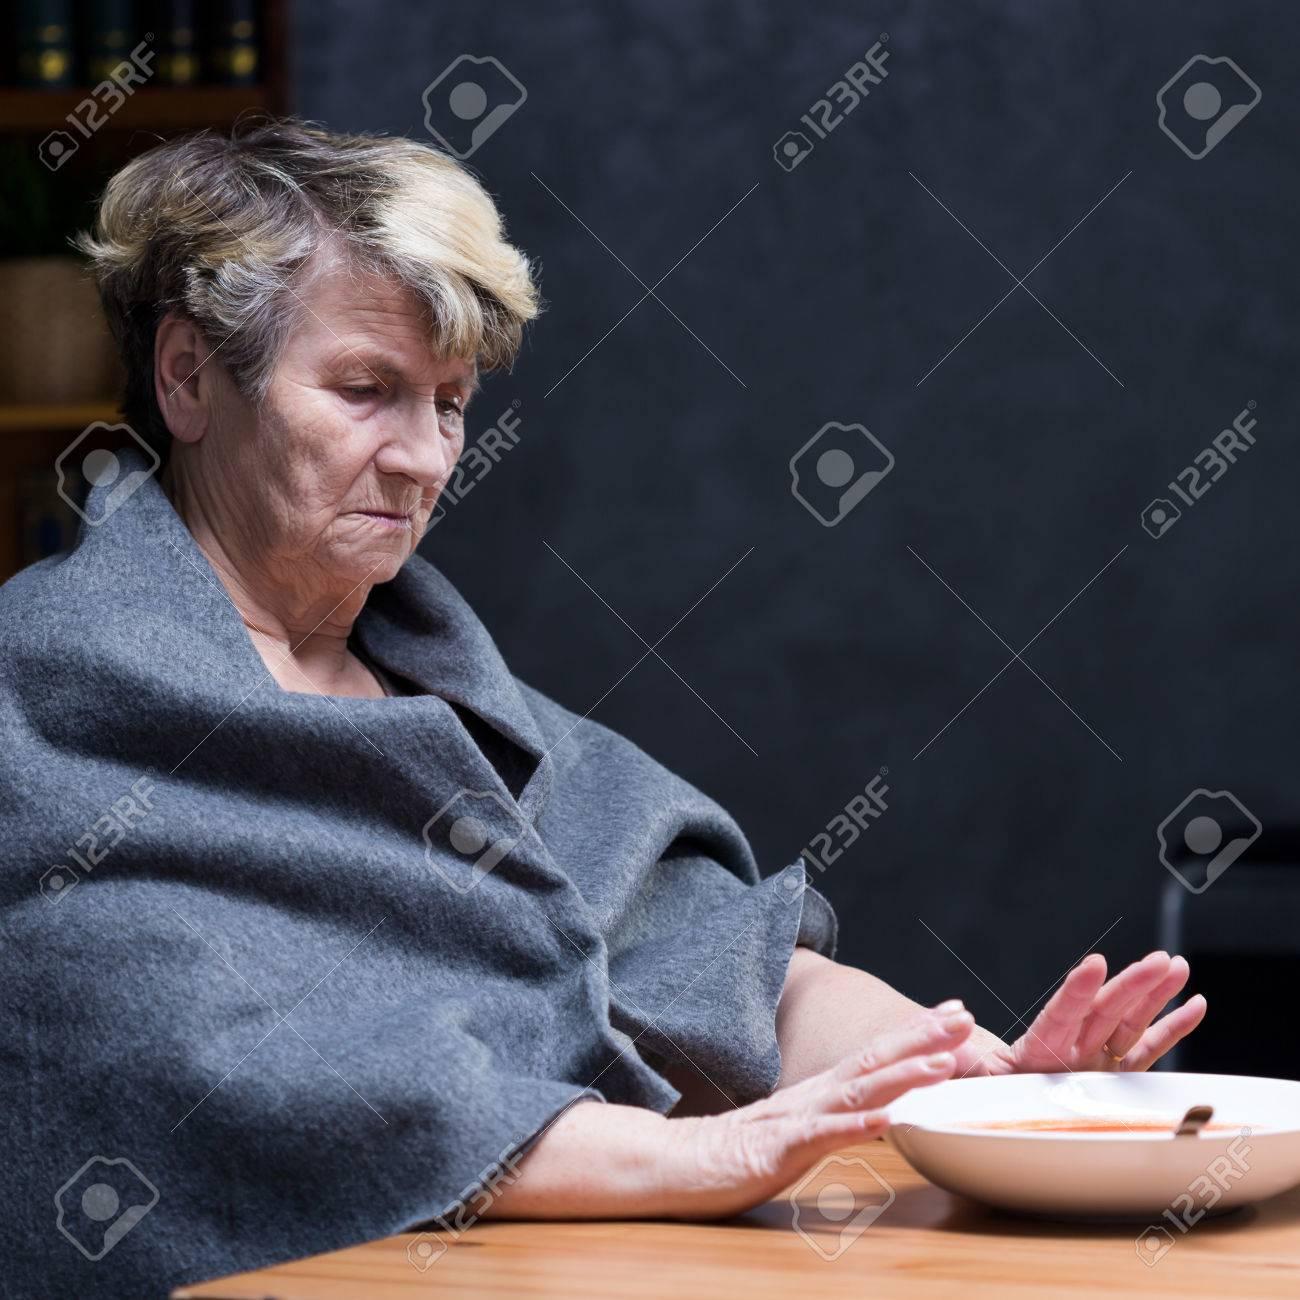 Femme âgée déprimée refusant de manger sainement Banque d'images - 70236633